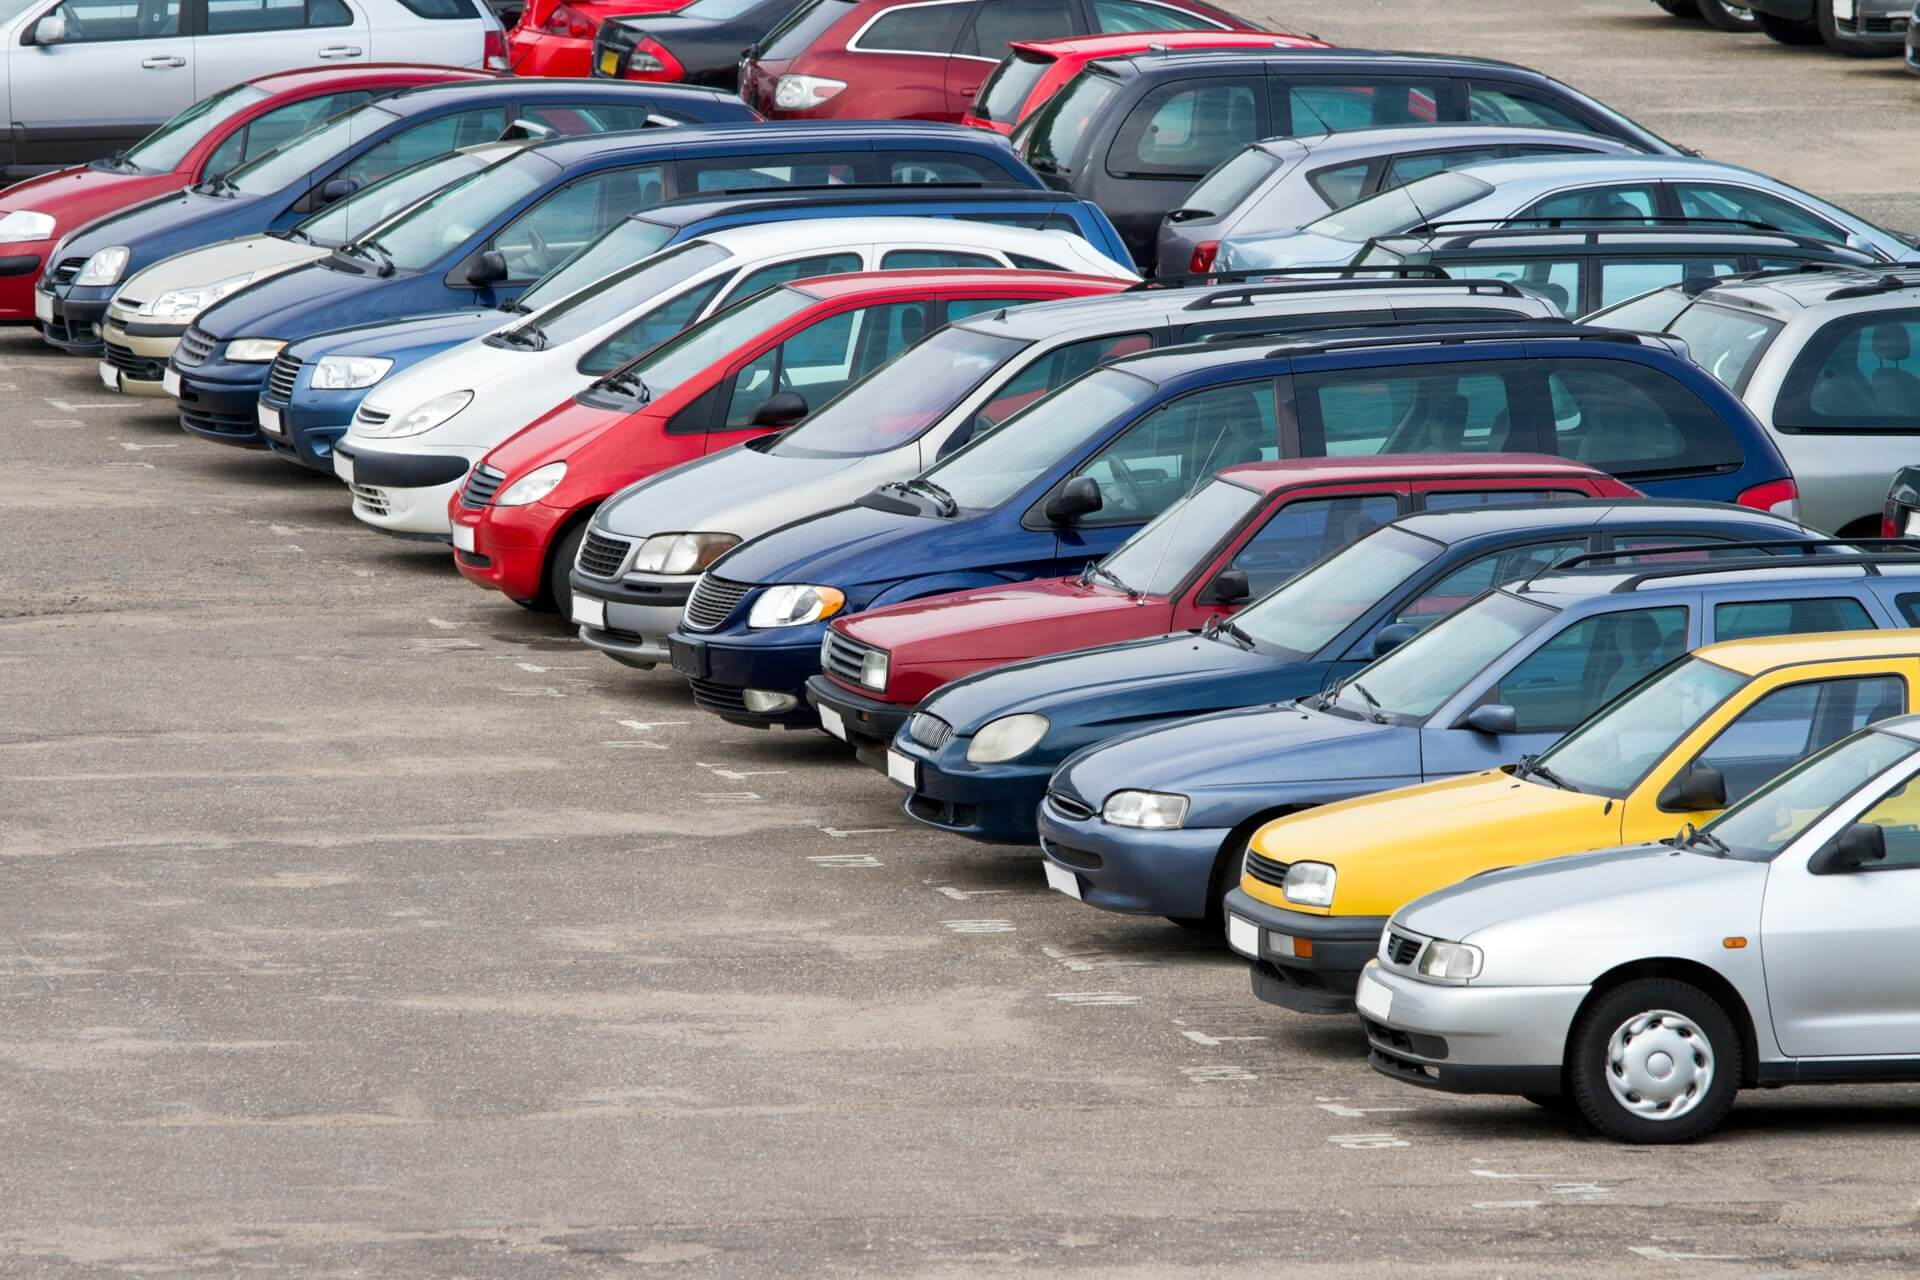 С 1 мая купить подержанную машину в Тверской области станет проще